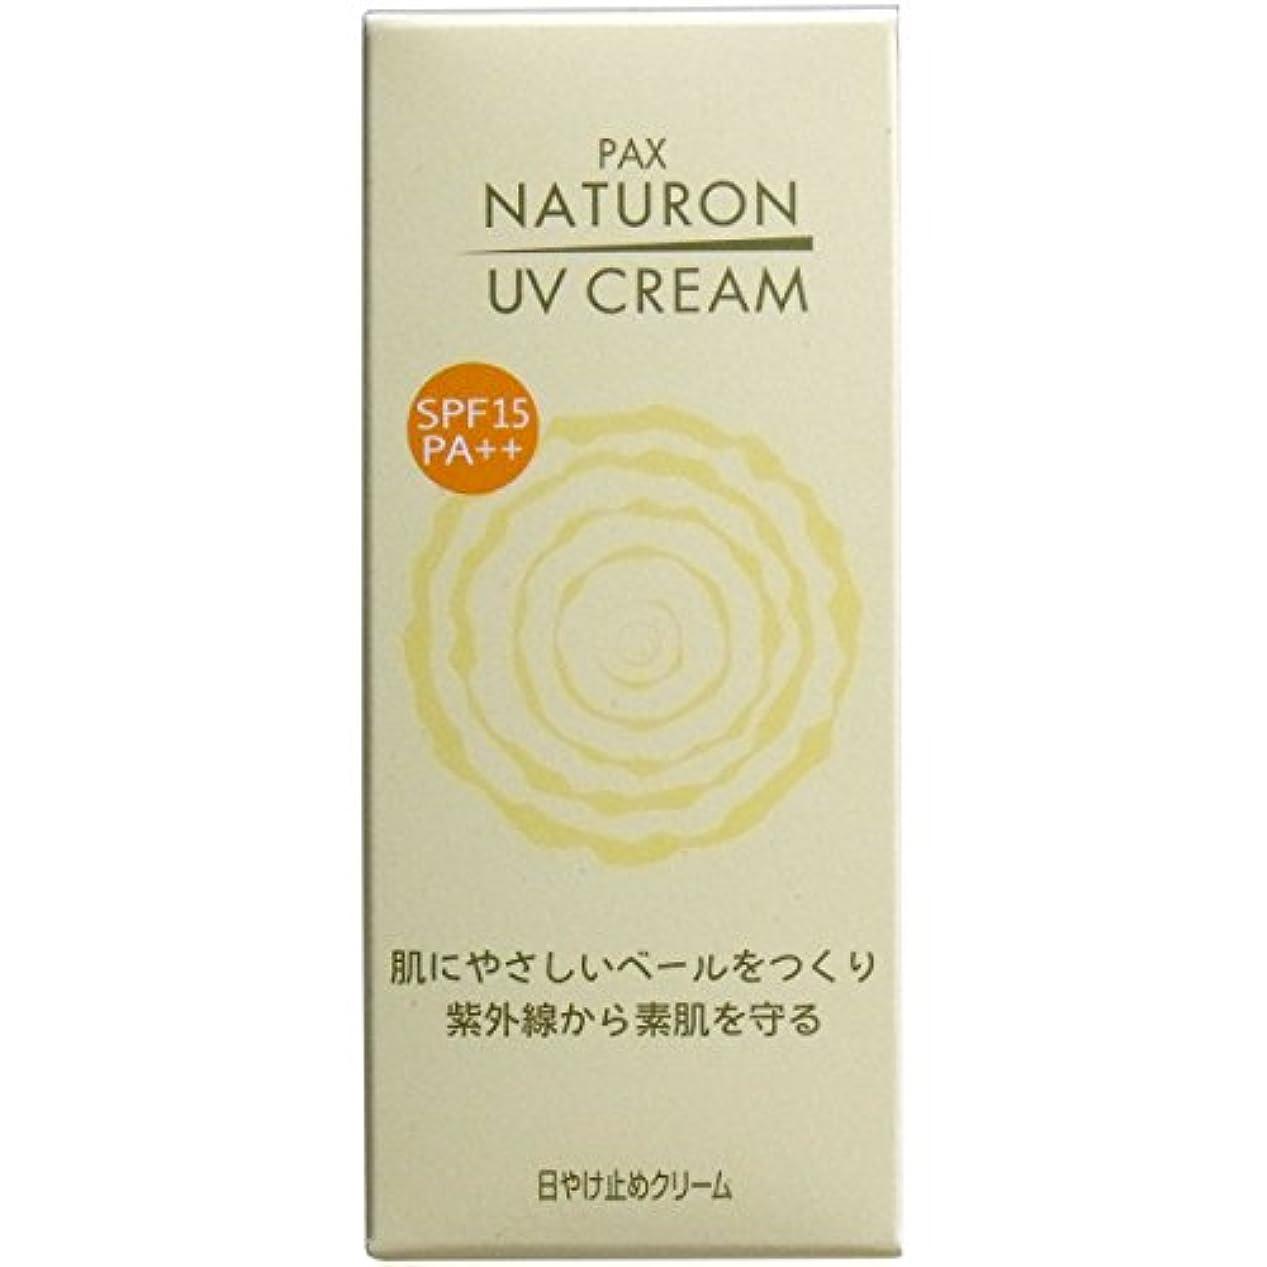 規制する誠実パリティ太陽油脂 パックスナチュロン UV クリーム SPF15 PA++ 45g